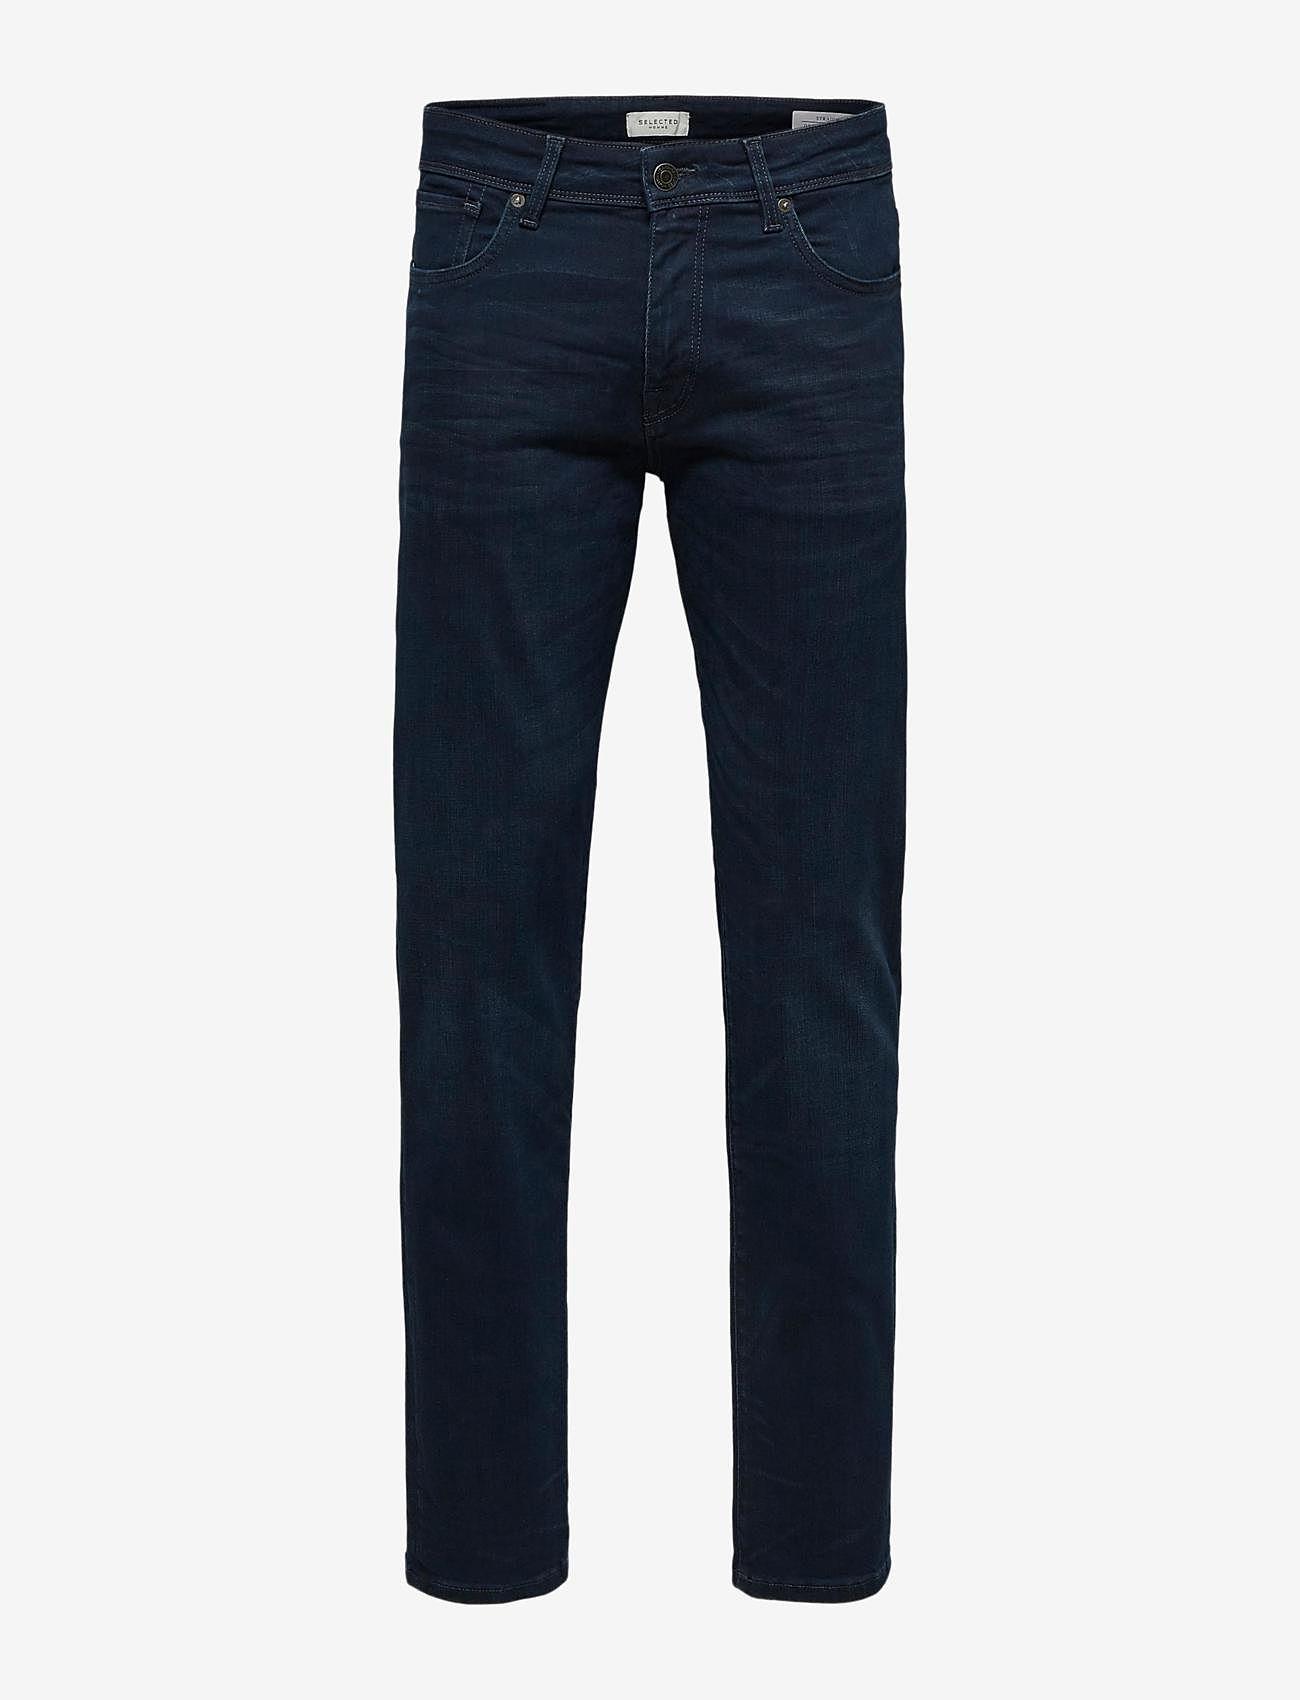 Selected Homme - SLHSTRAIGHT-SCOTT 6155 BB SU-ST JNS - regular jeans - blue black denim - 0